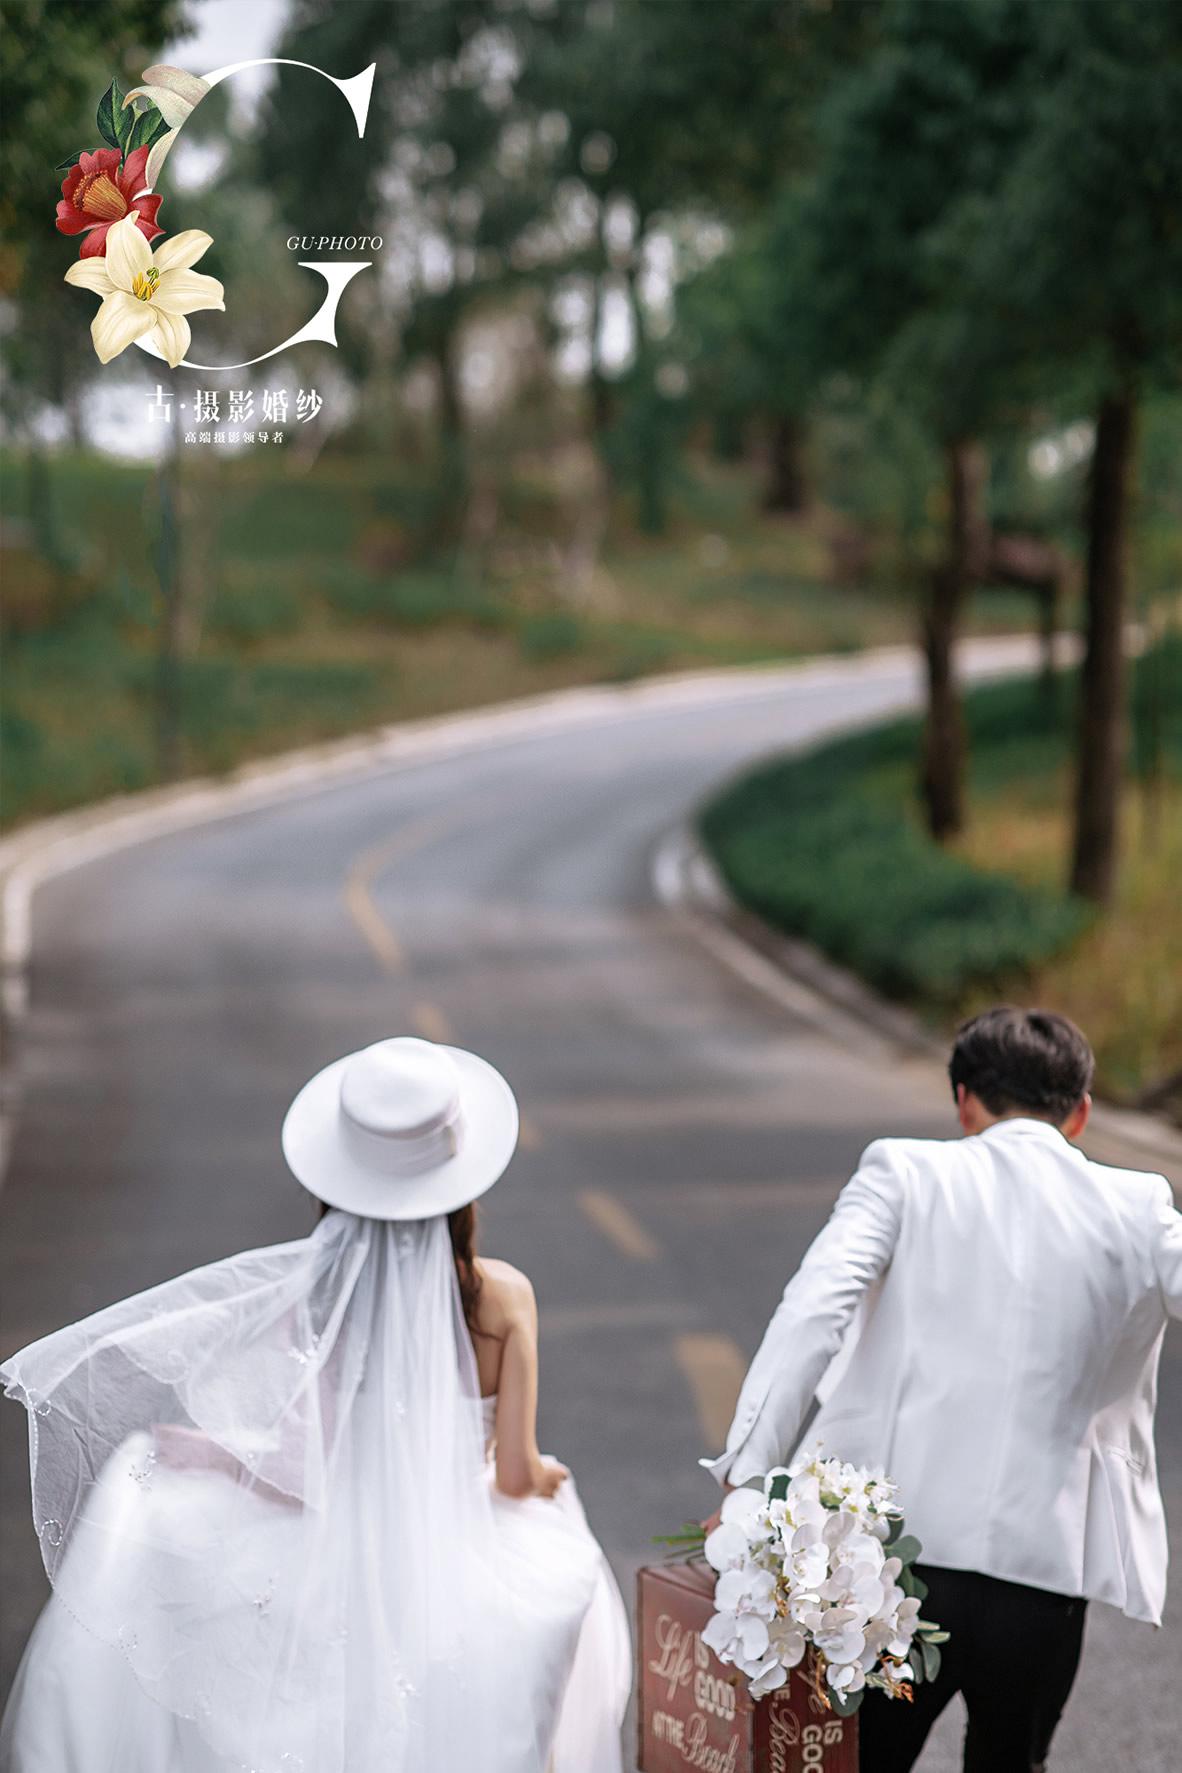 KING'S GARDEN《城市恋人》 - 拍摄地 - 广州婚纱摄影-广州古摄影官网